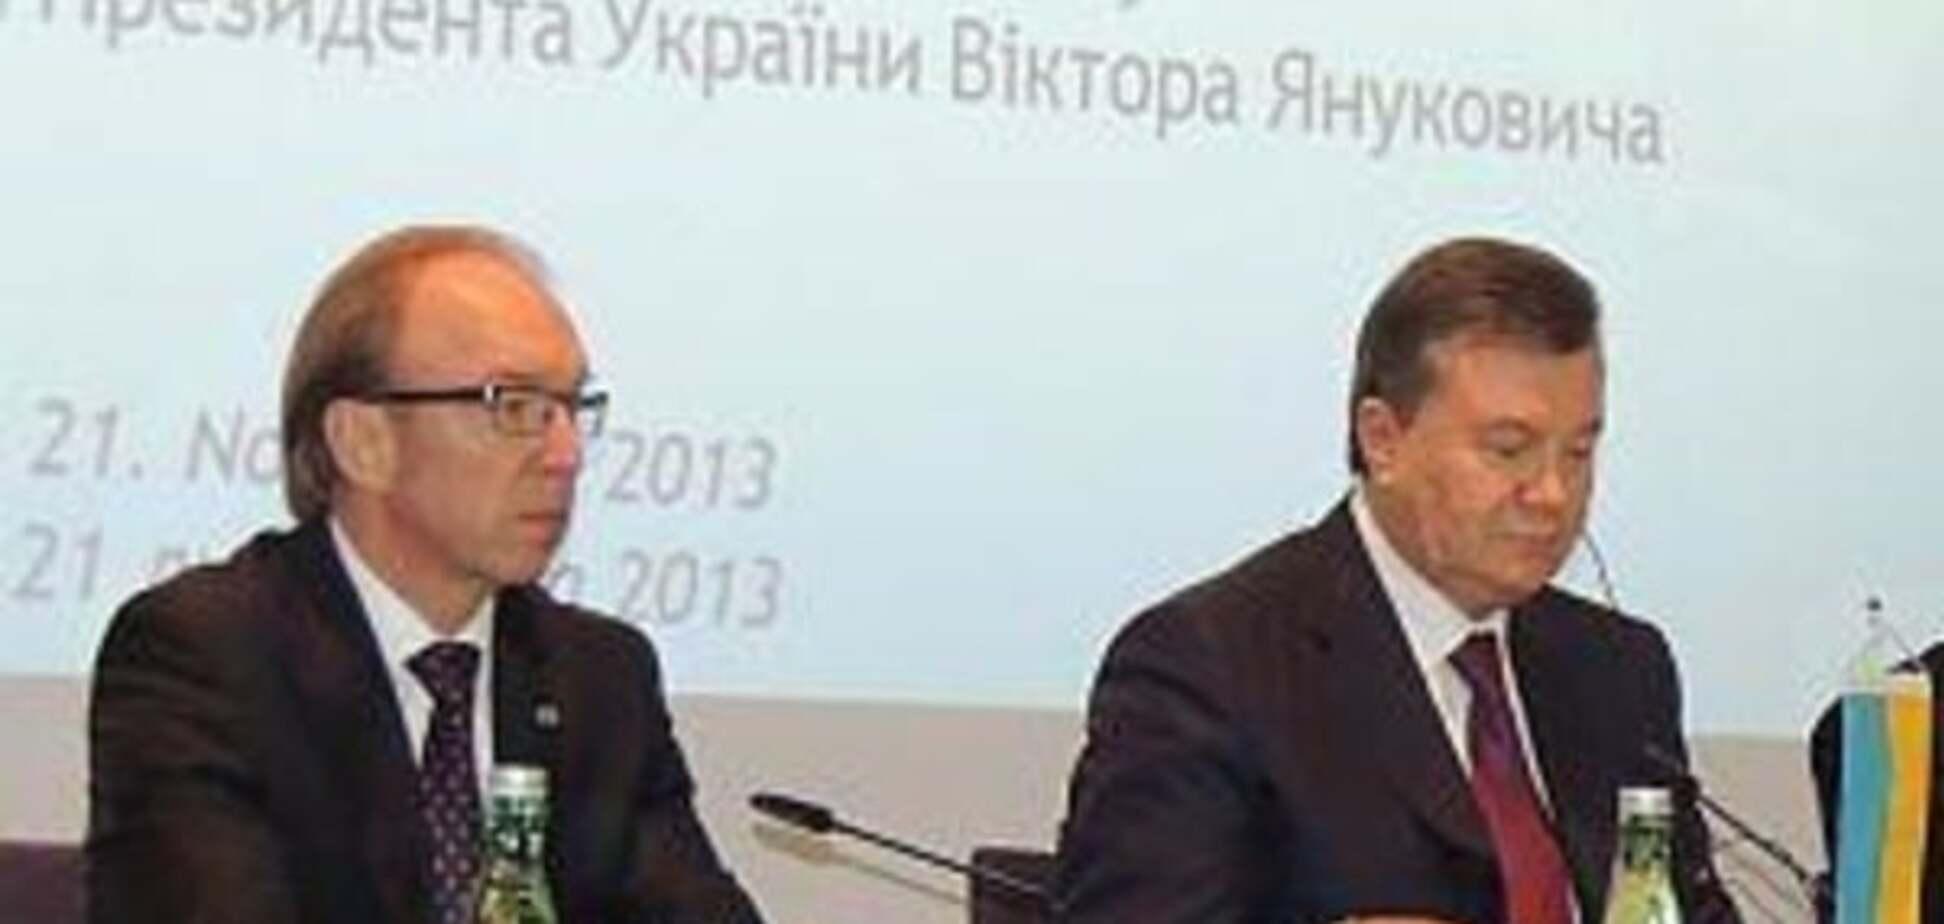 Прогнившее дно Торгово-промышленной палаты Украины: долги и уголовные дела Чижикова